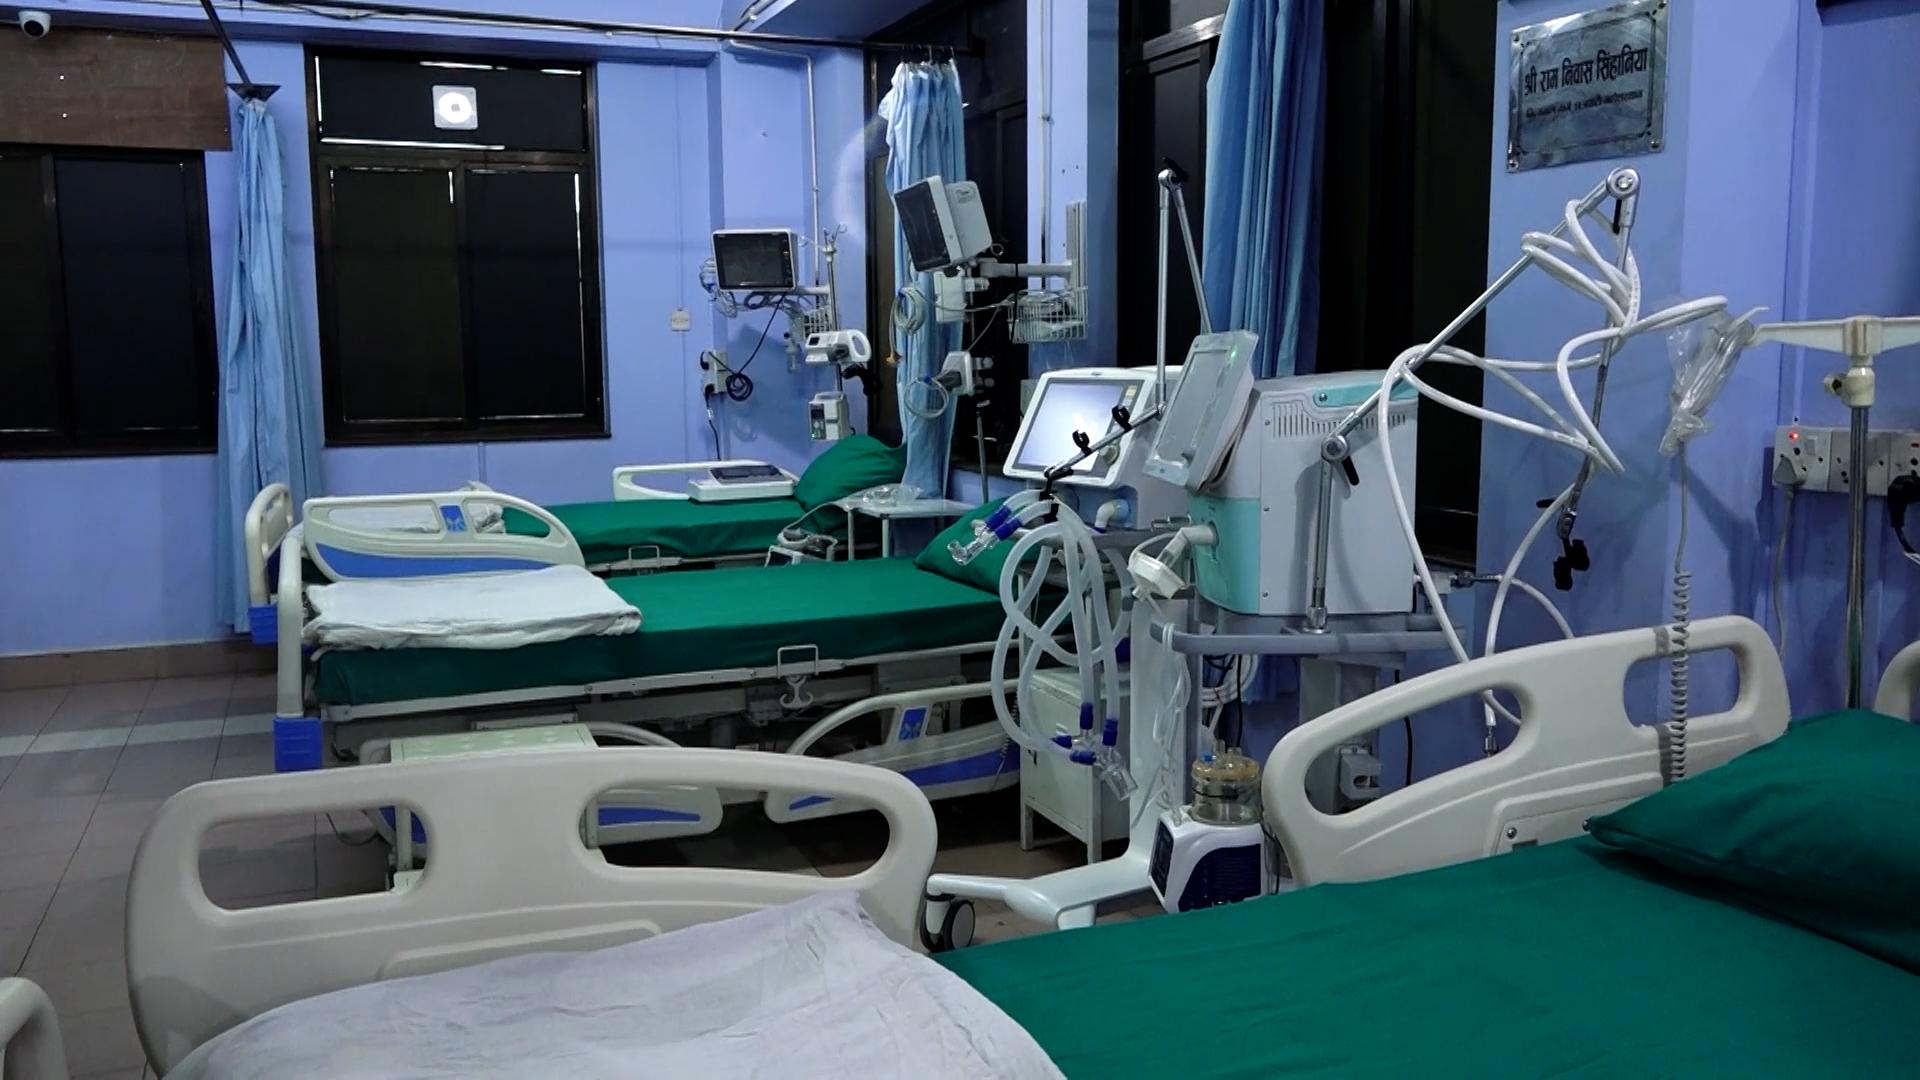 छत्रपाटी निःशुल्क चिकित्सालयमा कोभिड अस्पताल संचालन